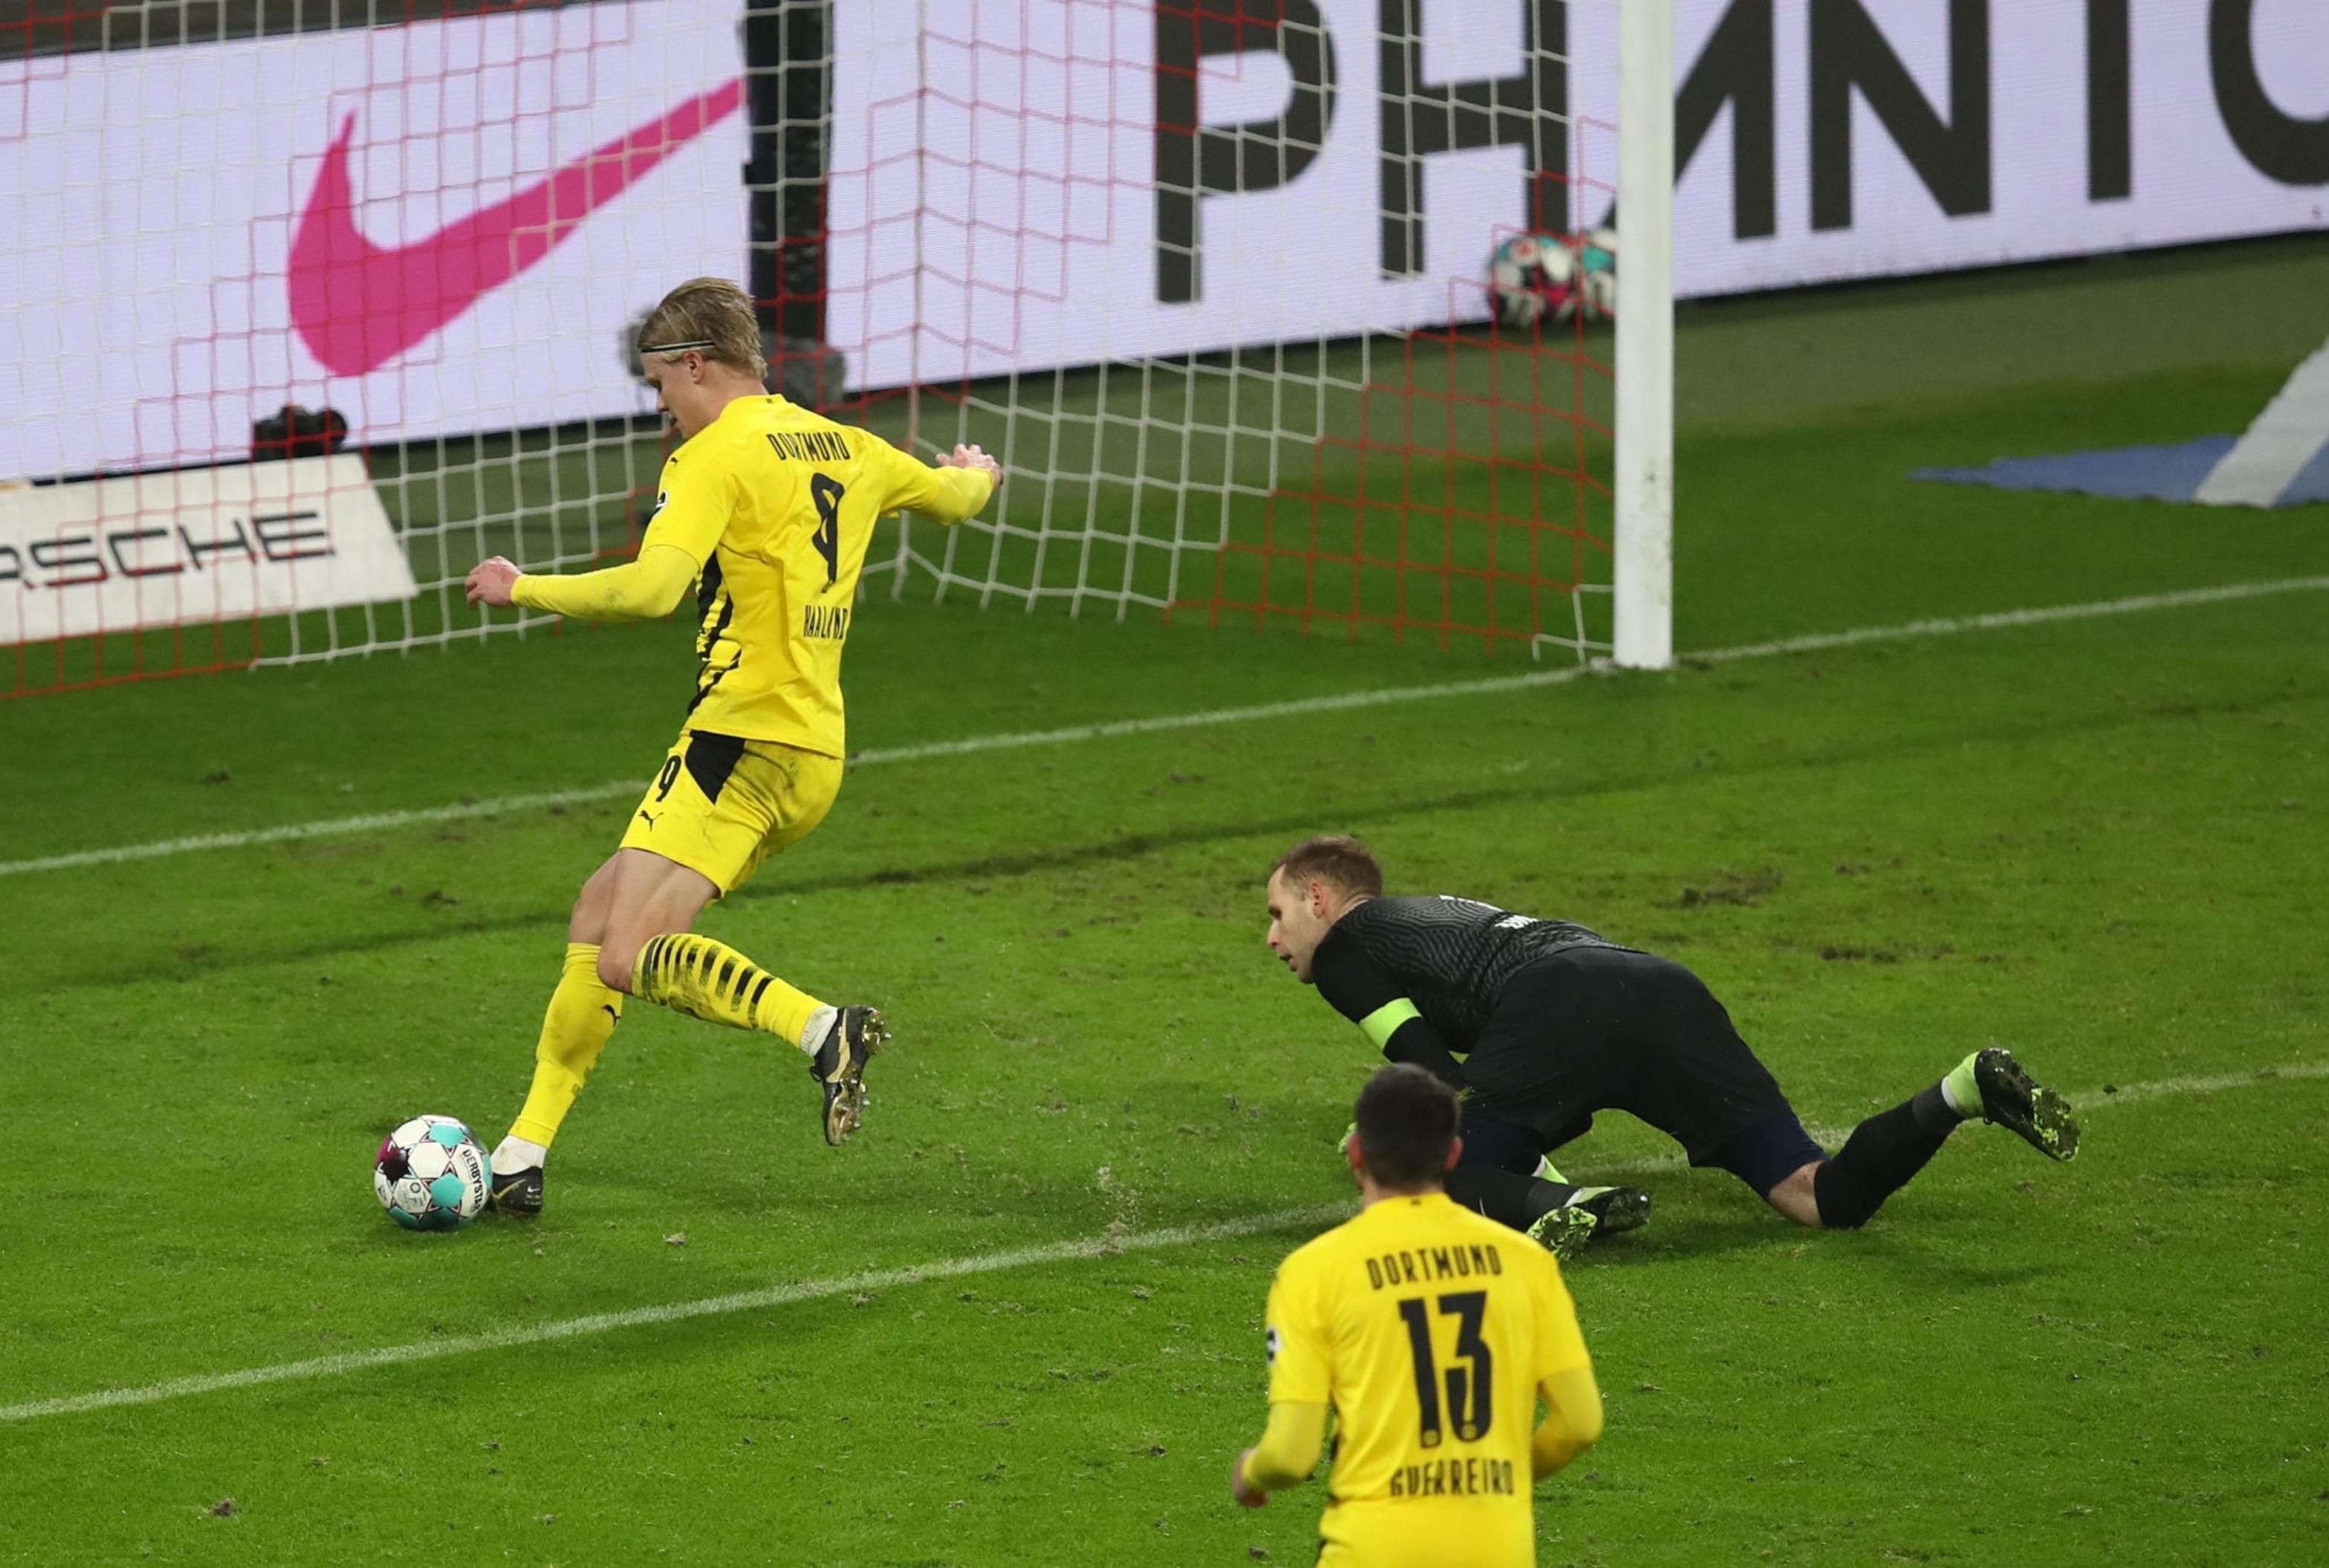 Холанд больше всех забил за 25 матчей и установил рекорд Бундеслиги - изображение 1